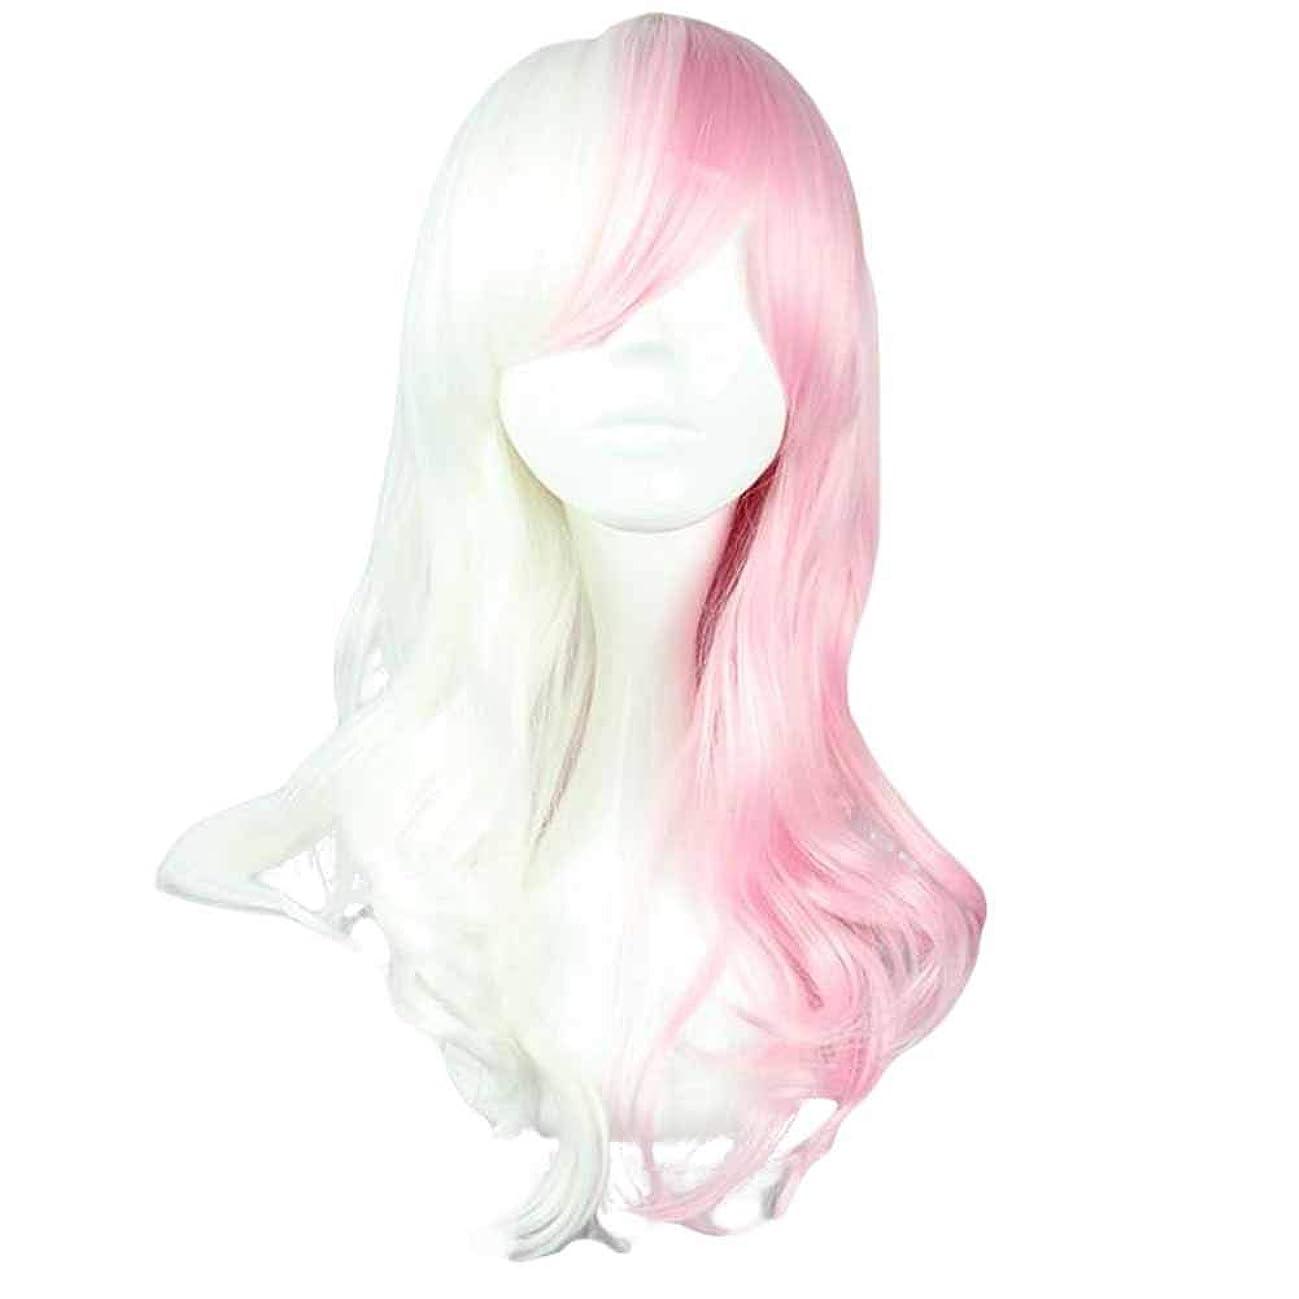 効率的に最大滅びるピンク/ホワイト50cm 2トーンコスプレフルウィッグロングカーリーヘアウィッグ合成ヘアウィッグ